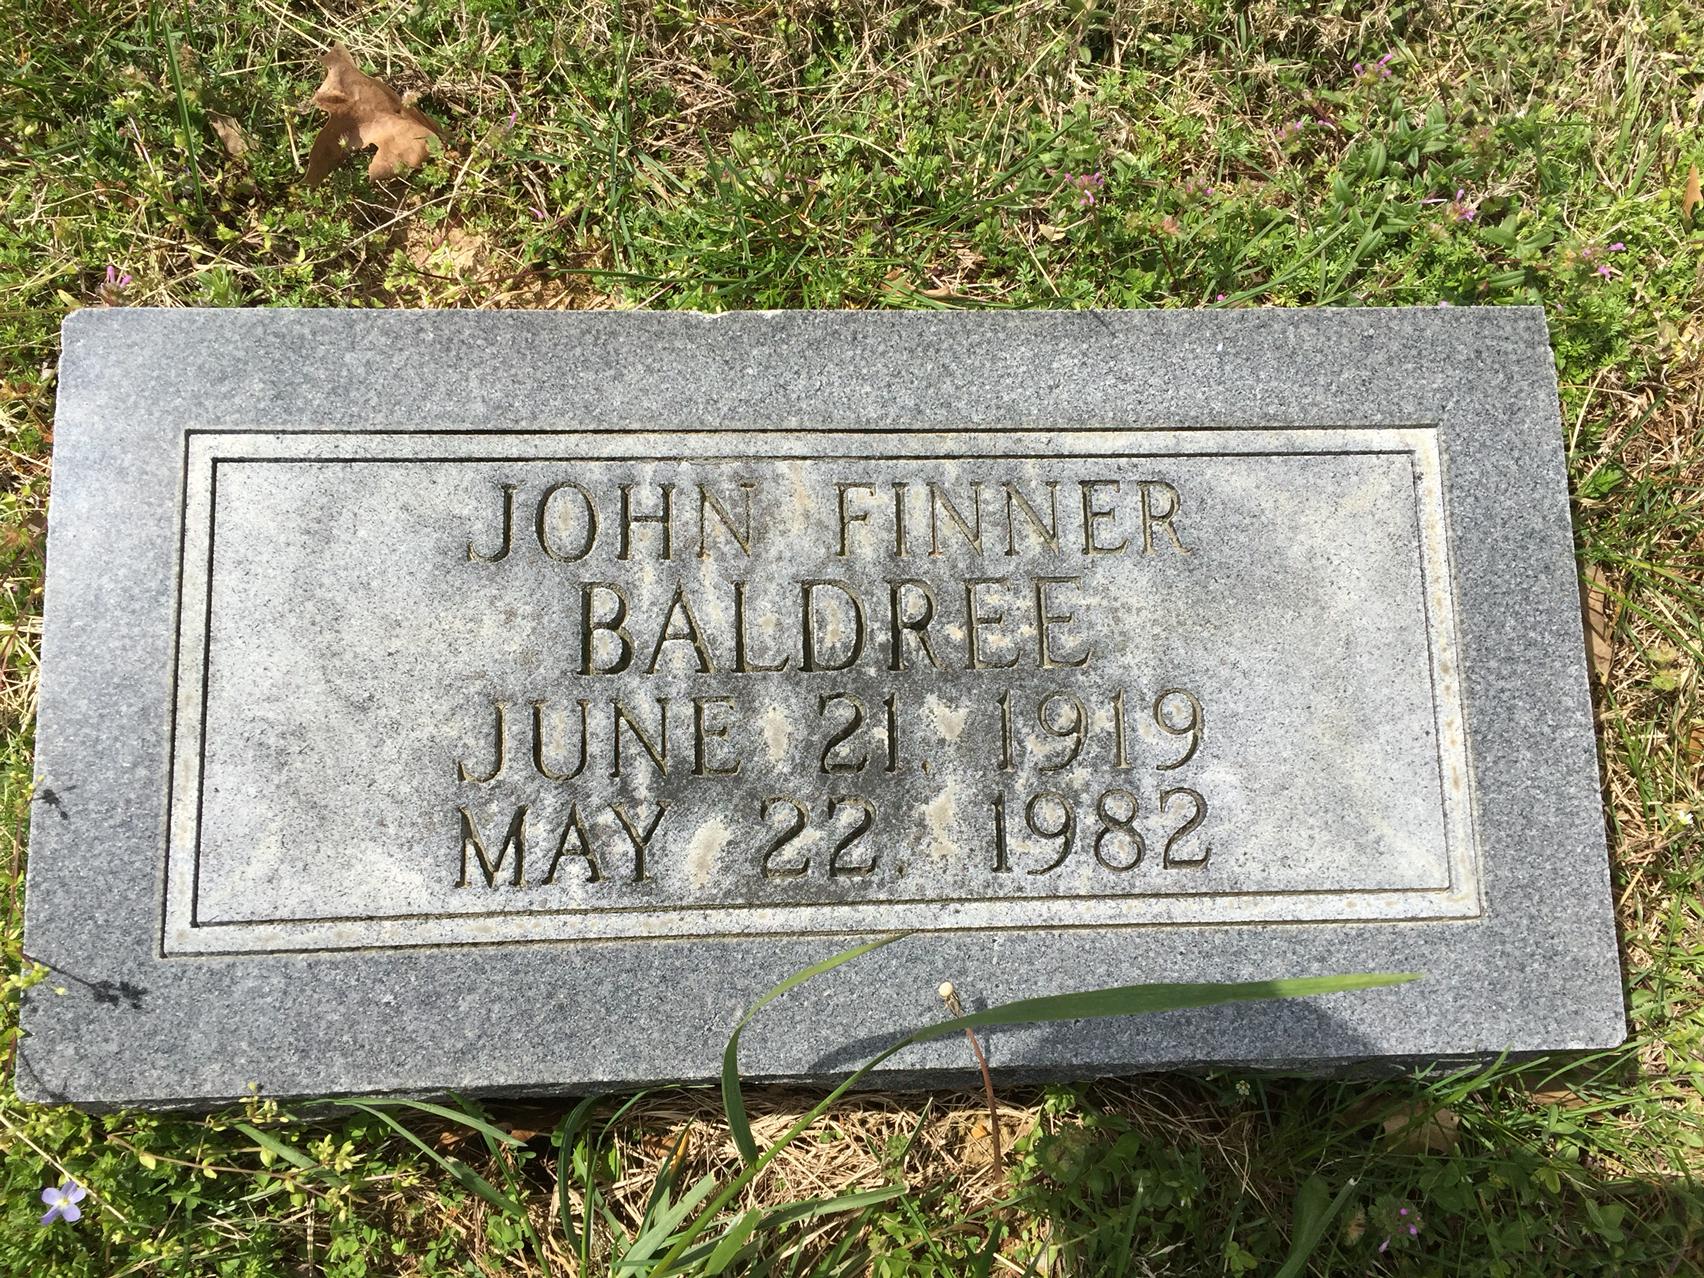 John Finner Baldree